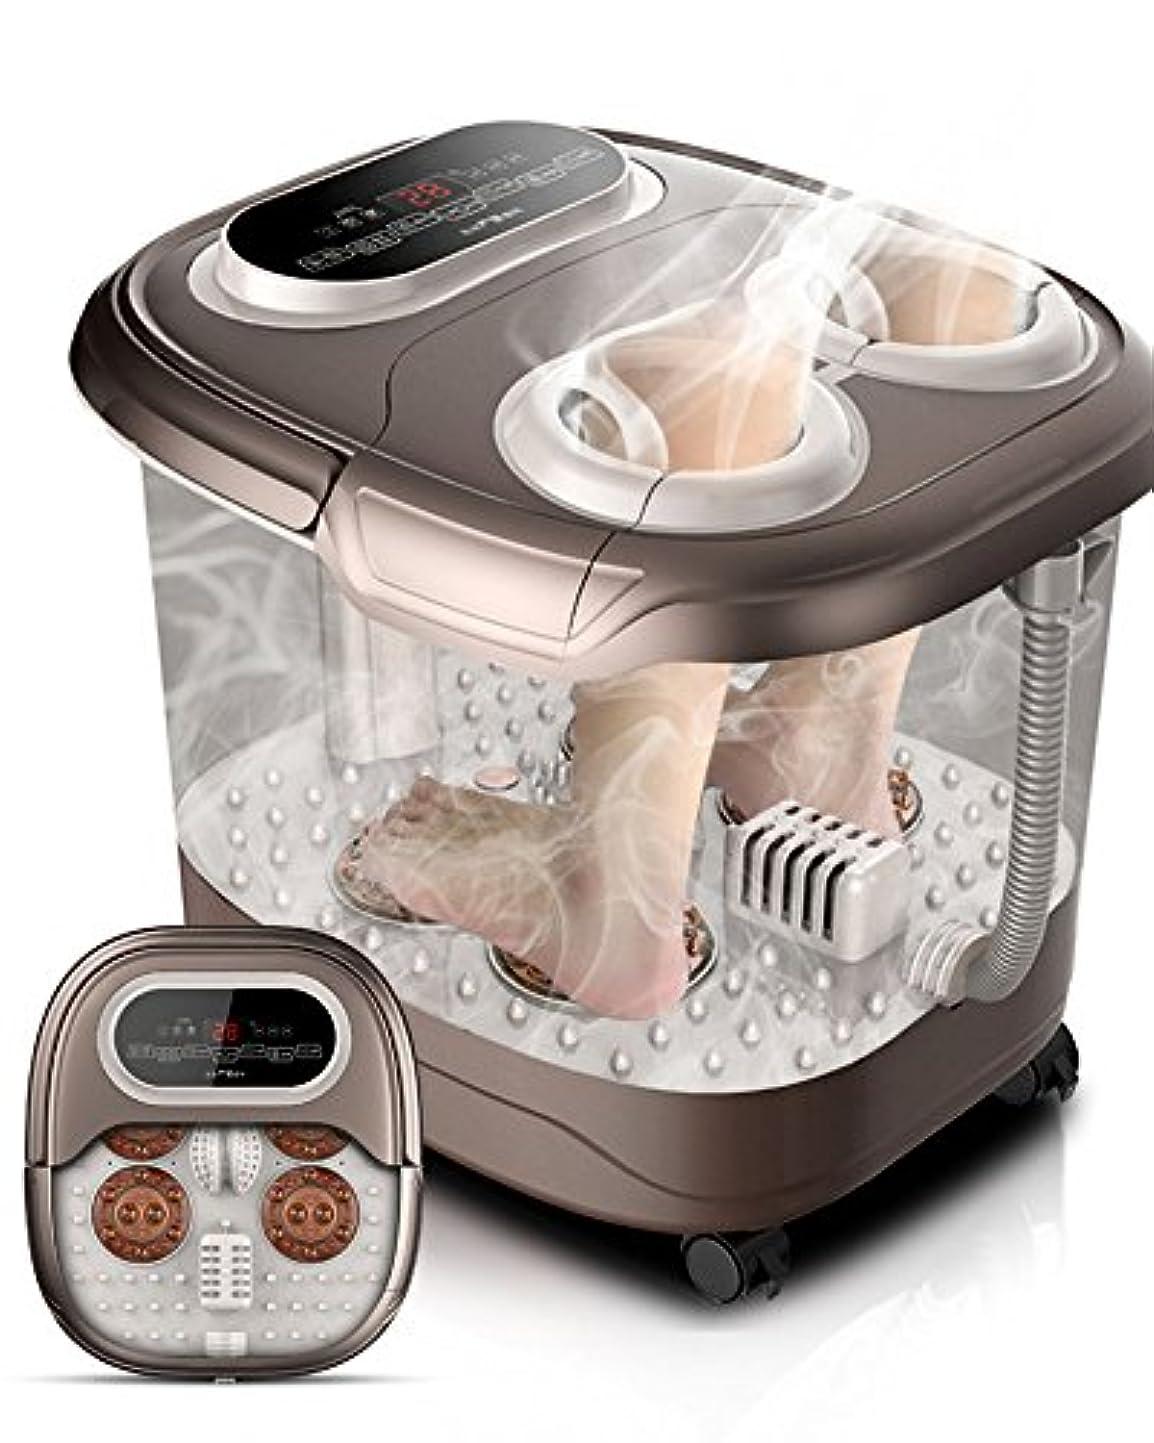 寝る検出する新聞ZHANGRONG- 足浴槽 自動 フットバス 電動マッサージ 加熱 フットバス 足浴槽 フットマッサージ機 家庭 一定温度